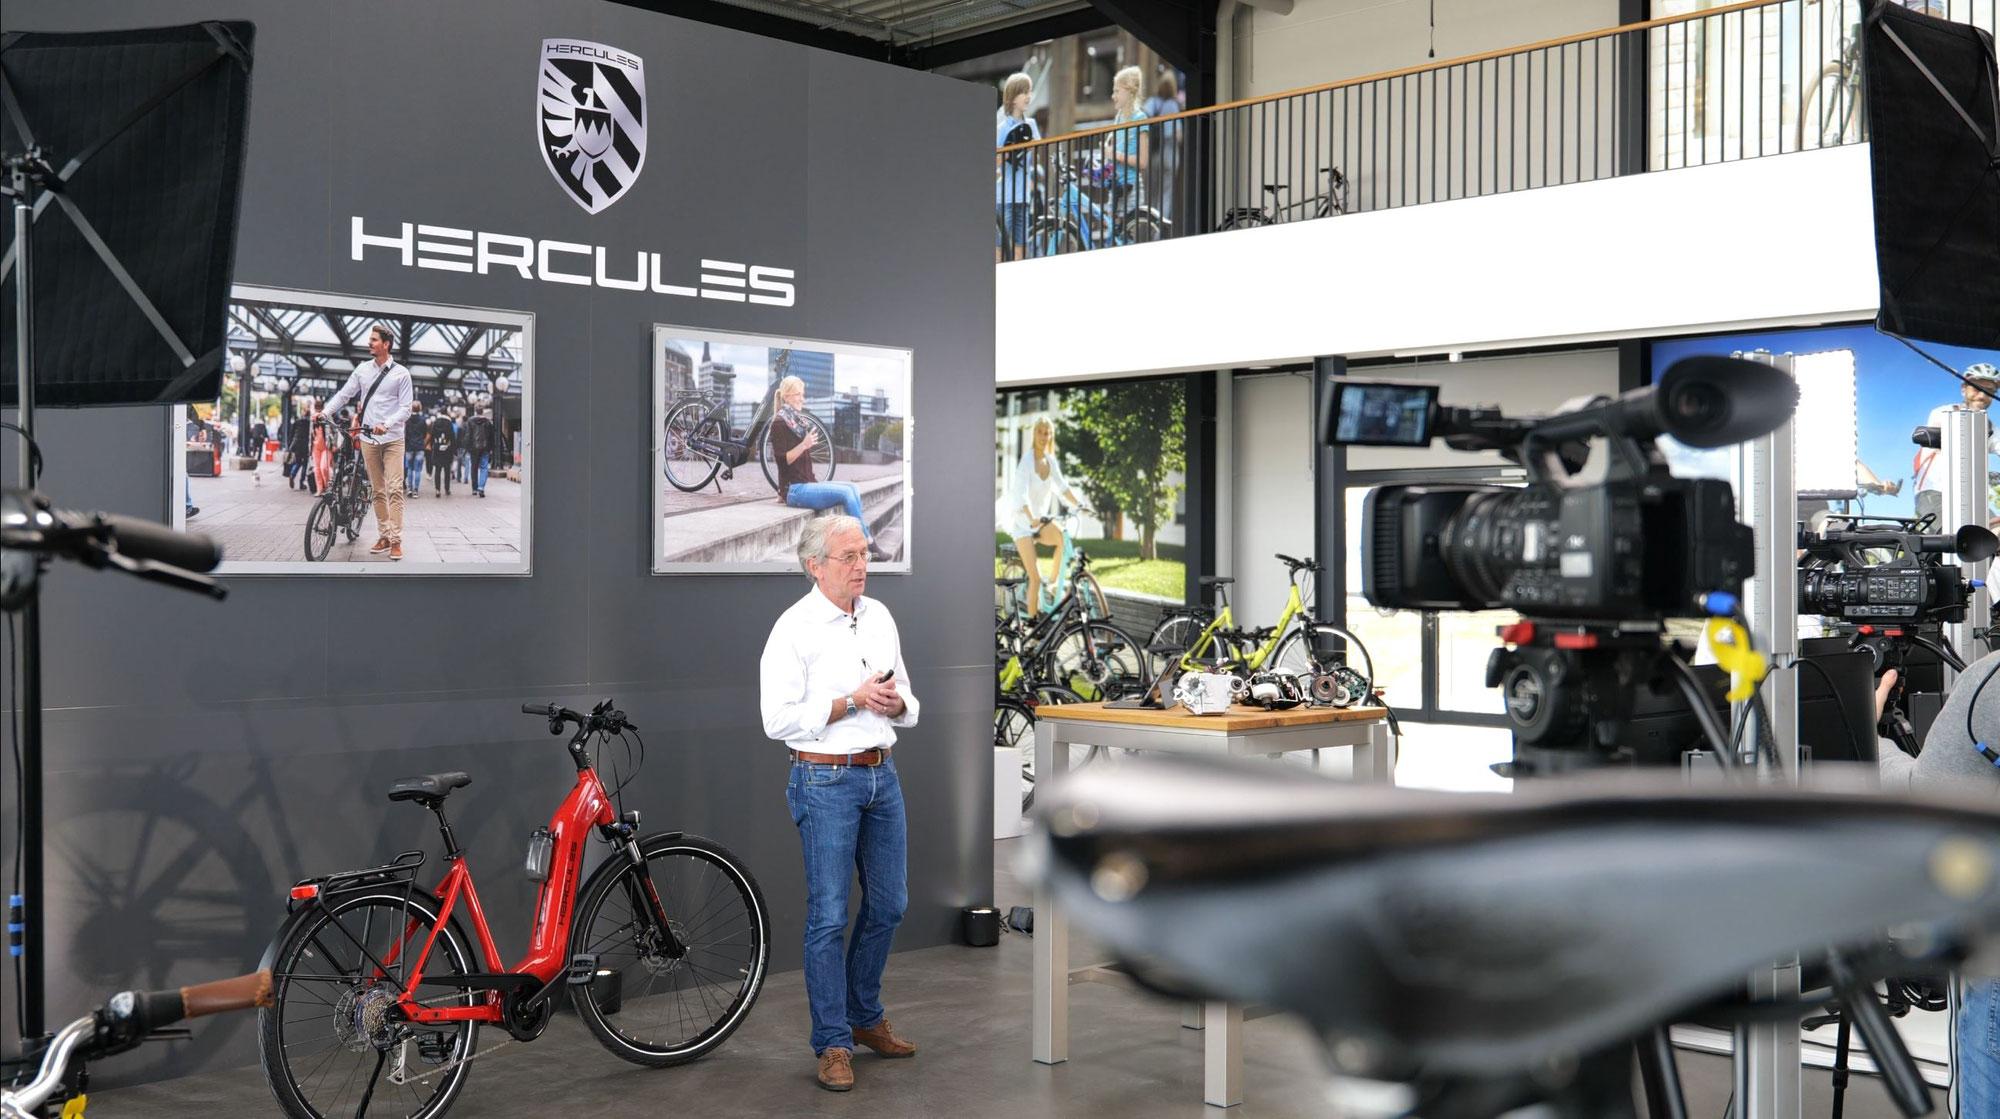 HERCULES eröffnet die Fahrradsaison mit Neuheitenvorstellung